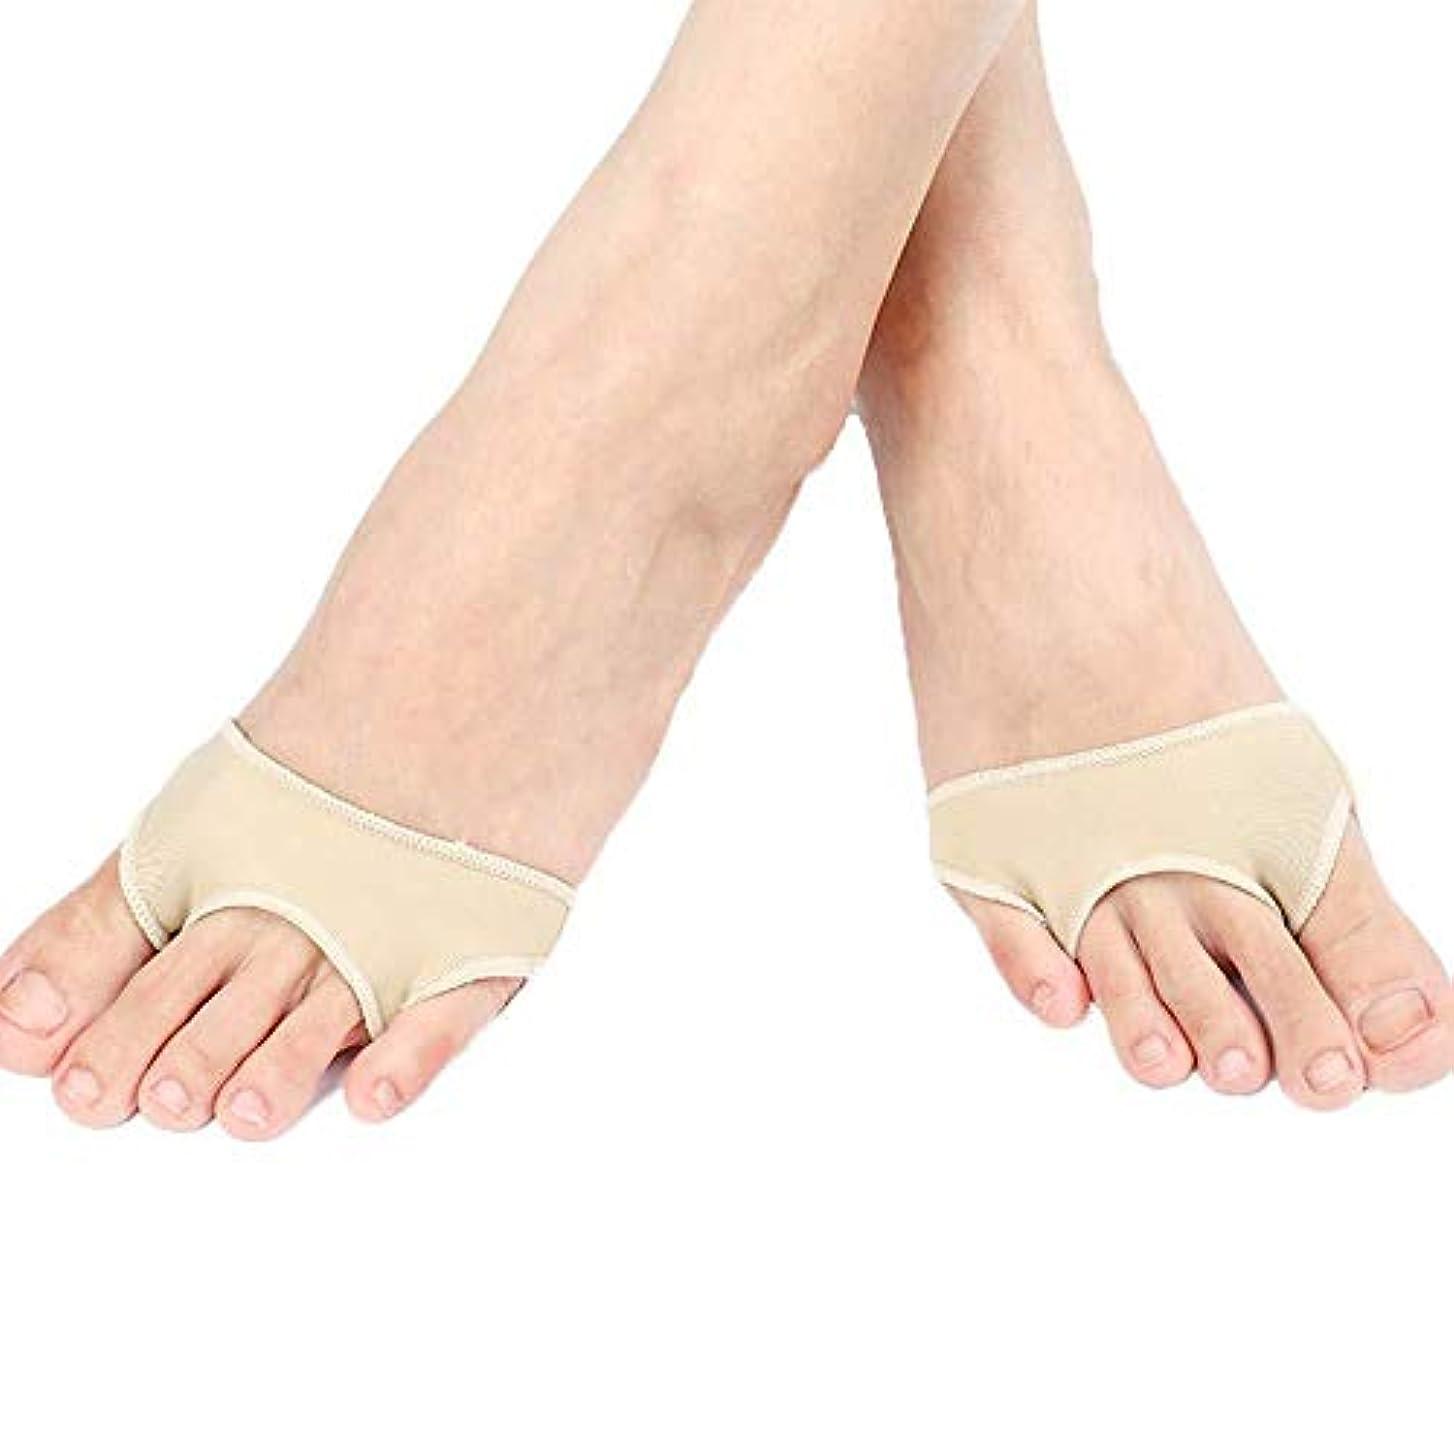 素晴らしき強いレーニン主義つま先セパレーター、矯正足の親指矯正器、つま先の痛み、および外反母painの痛みの緩和のための内蔵シリコンジェルパッド,M